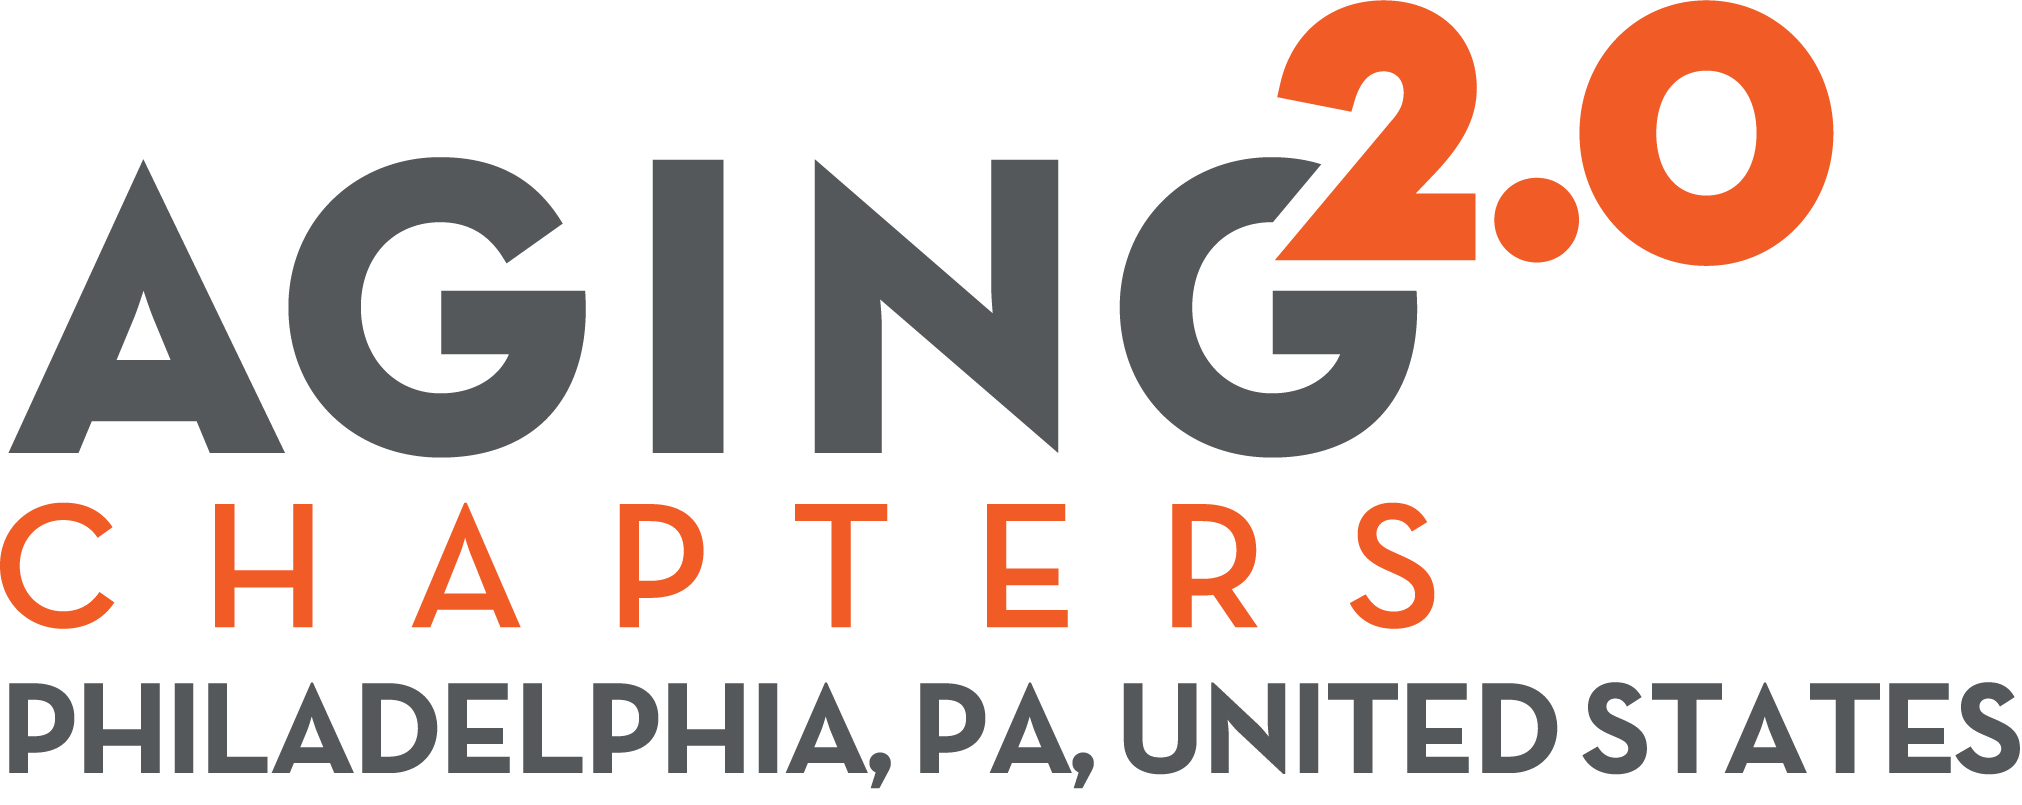 envoyatHome's Robert Blatt Appointed Aging2.0 Ambassador, Philadelphia Chapter